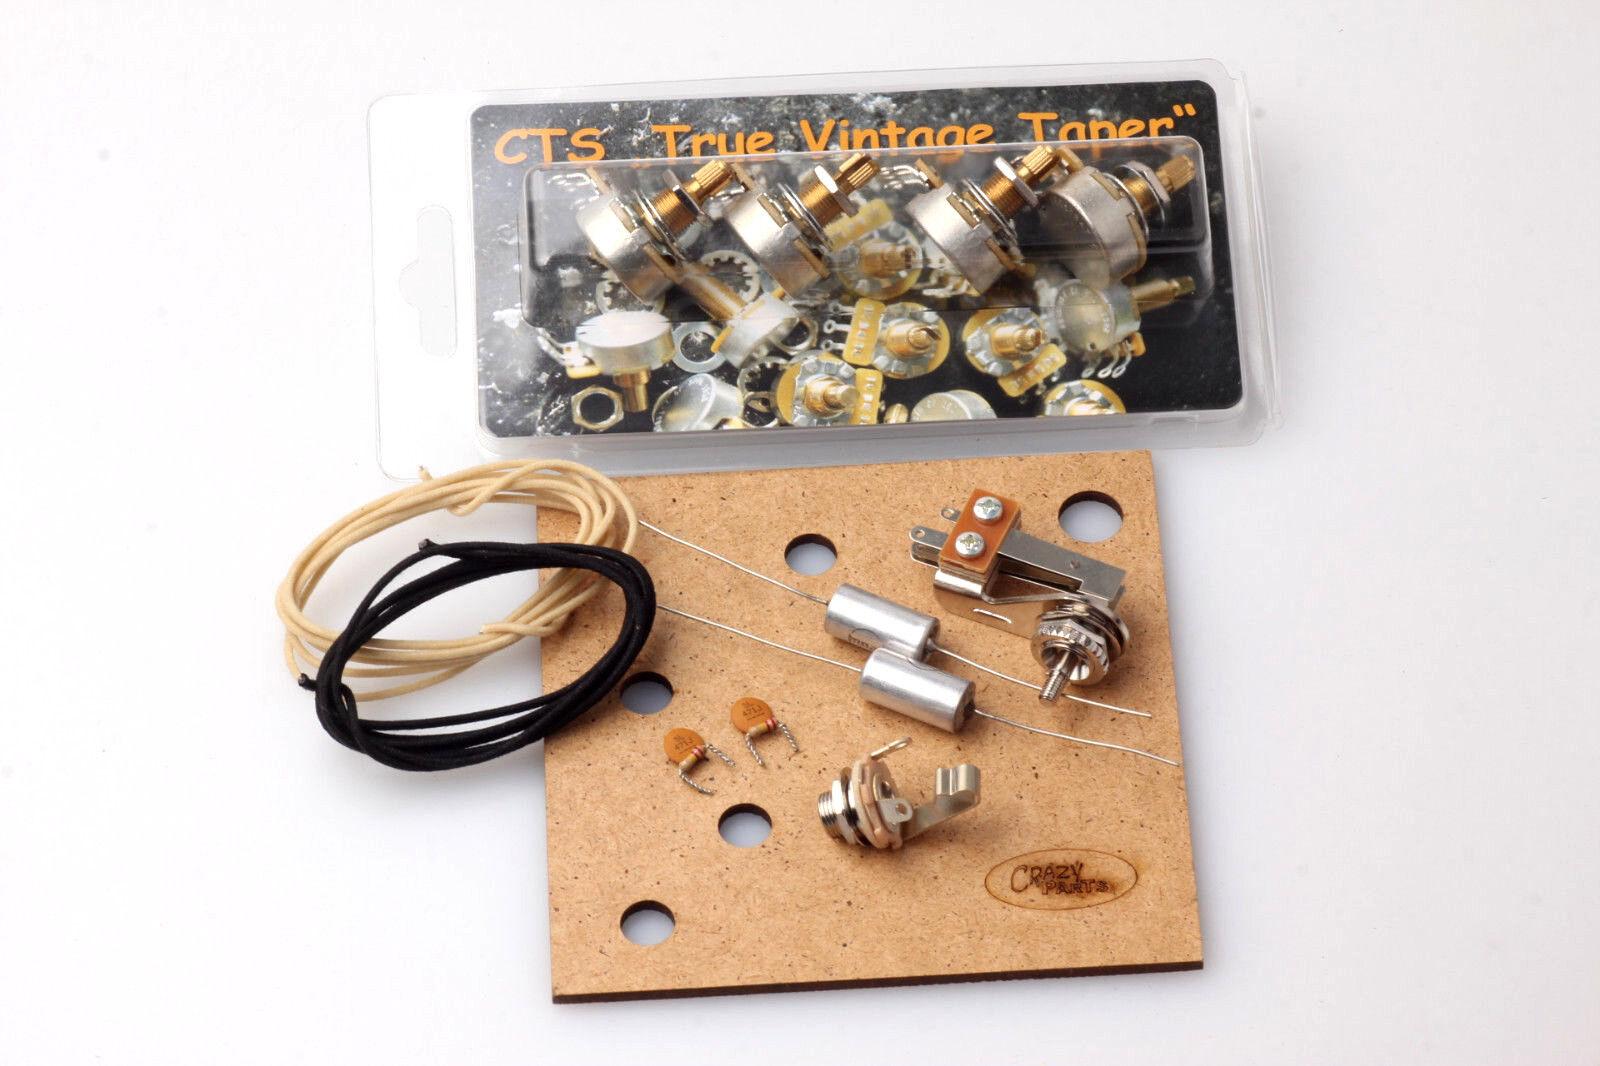 SG Un-Assembled Elektronic Kit (Vers.1) Shortshaft Pots -Best components only